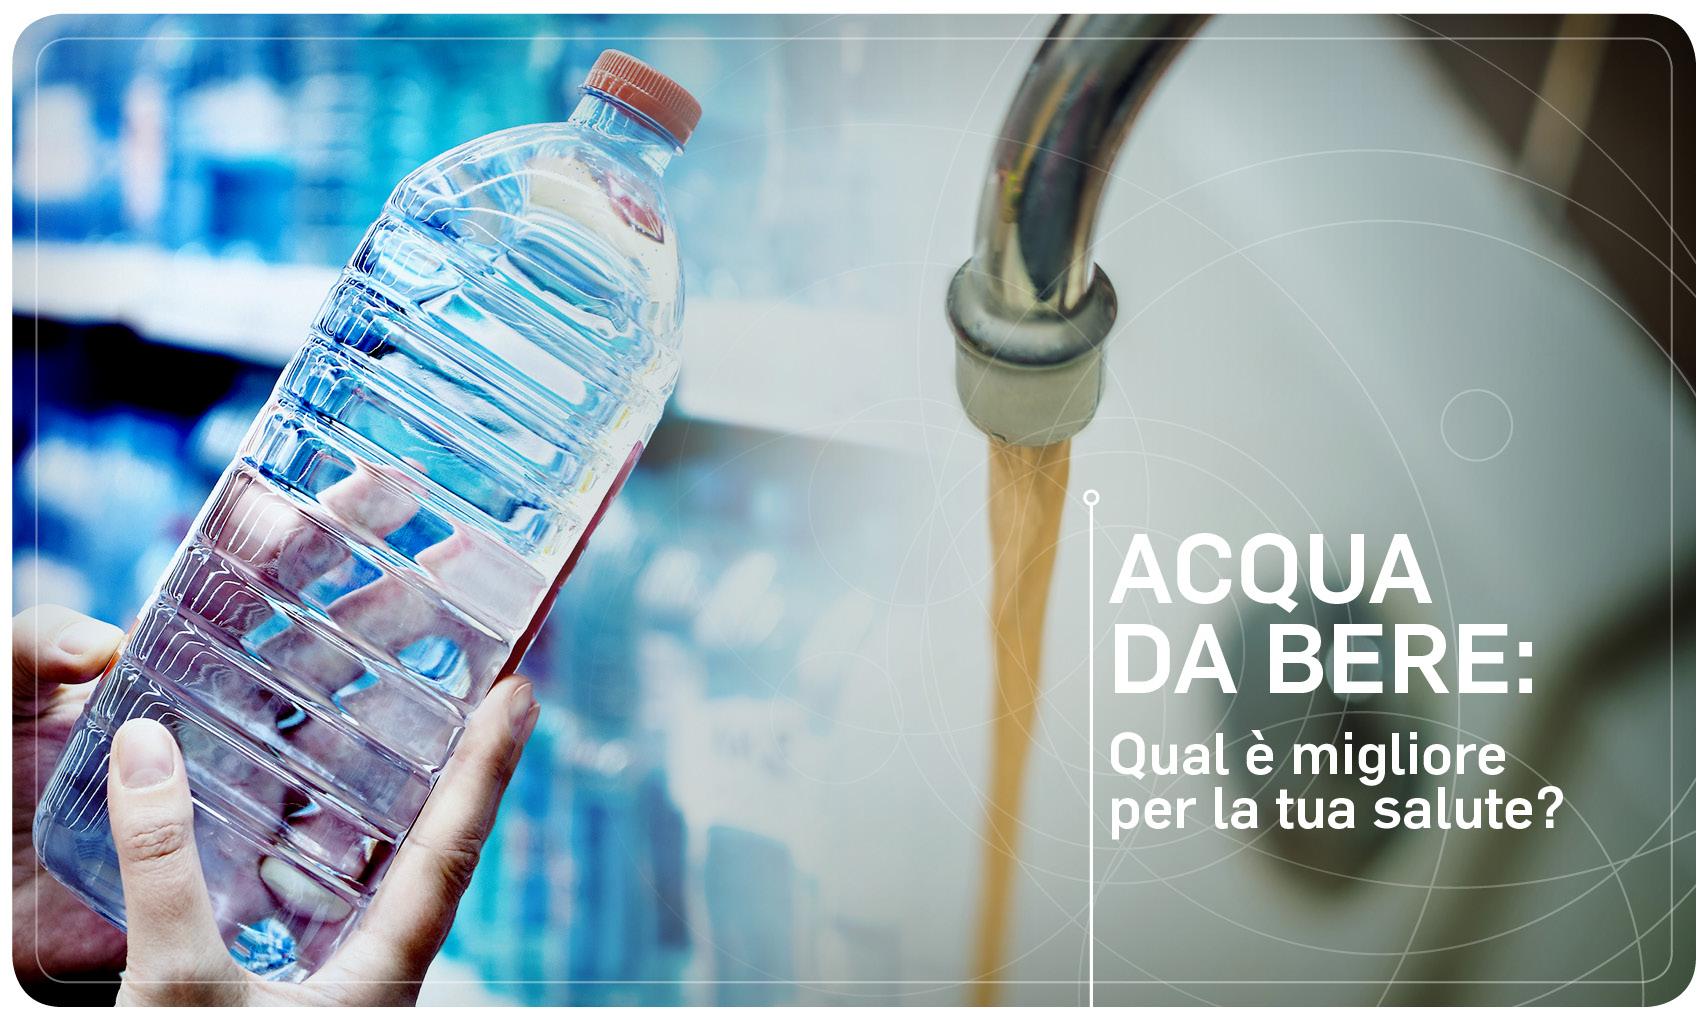 acqua da bere